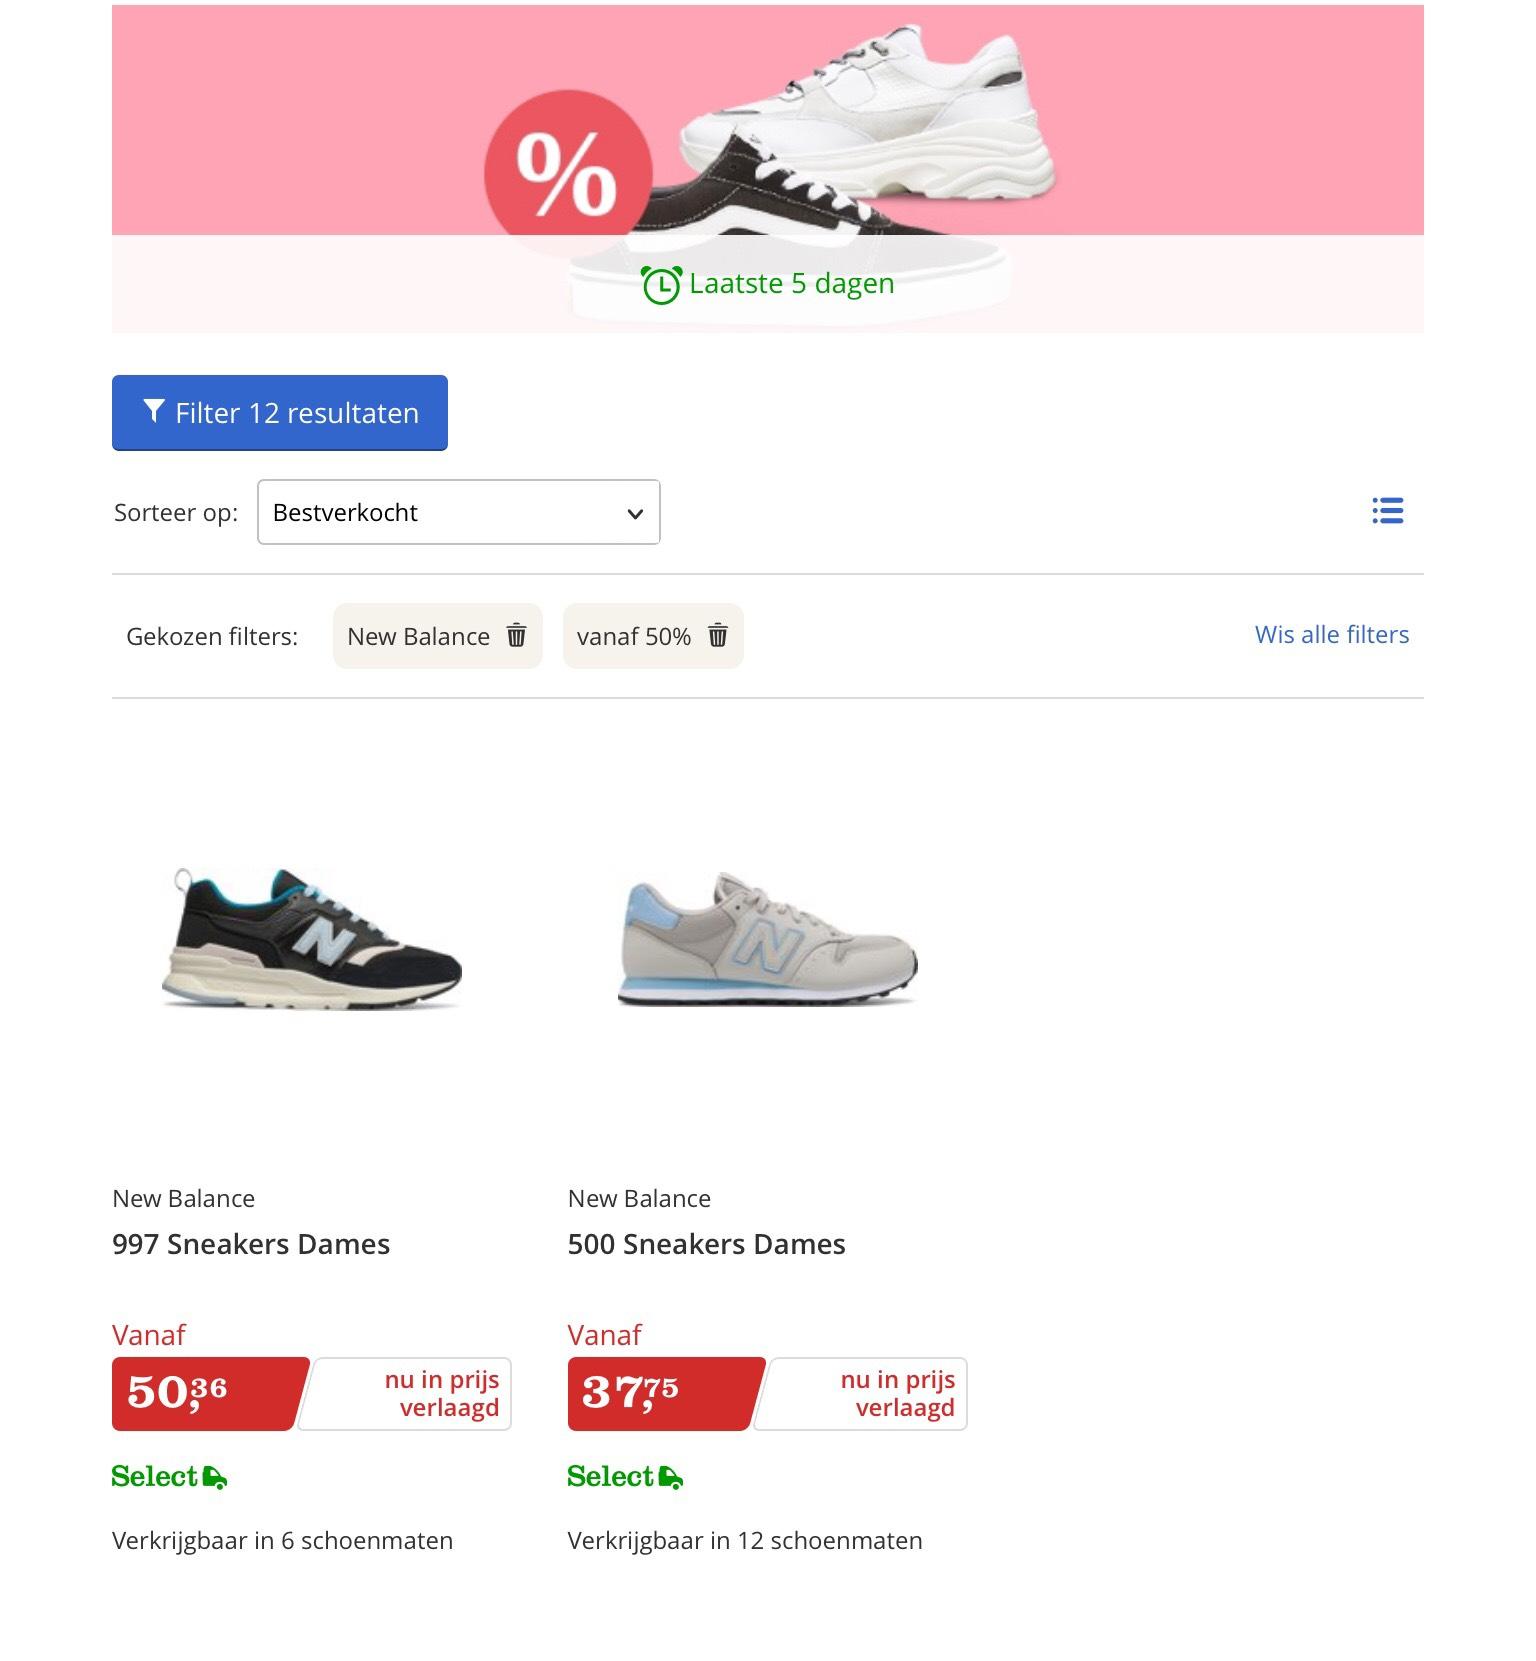 New balance dames sneakers met minimaal 50% korting bij bol.com